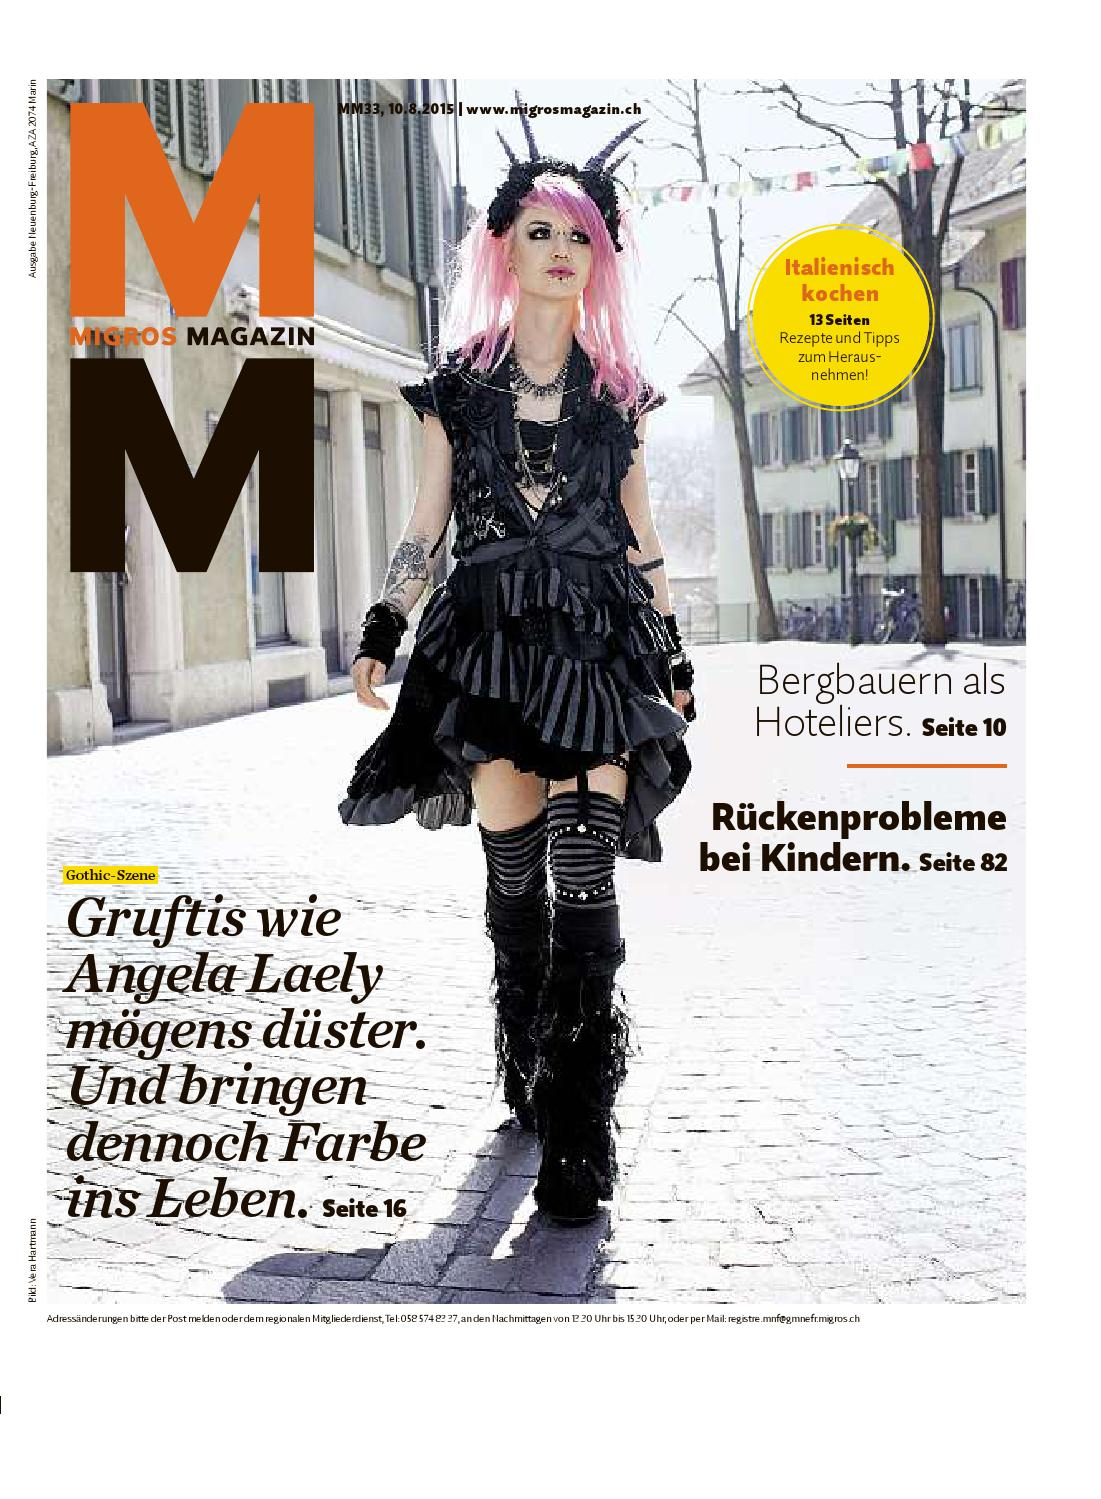 Migros magazin 33 2015 d ne by Migros-Genossenschafts-Bund - issuu